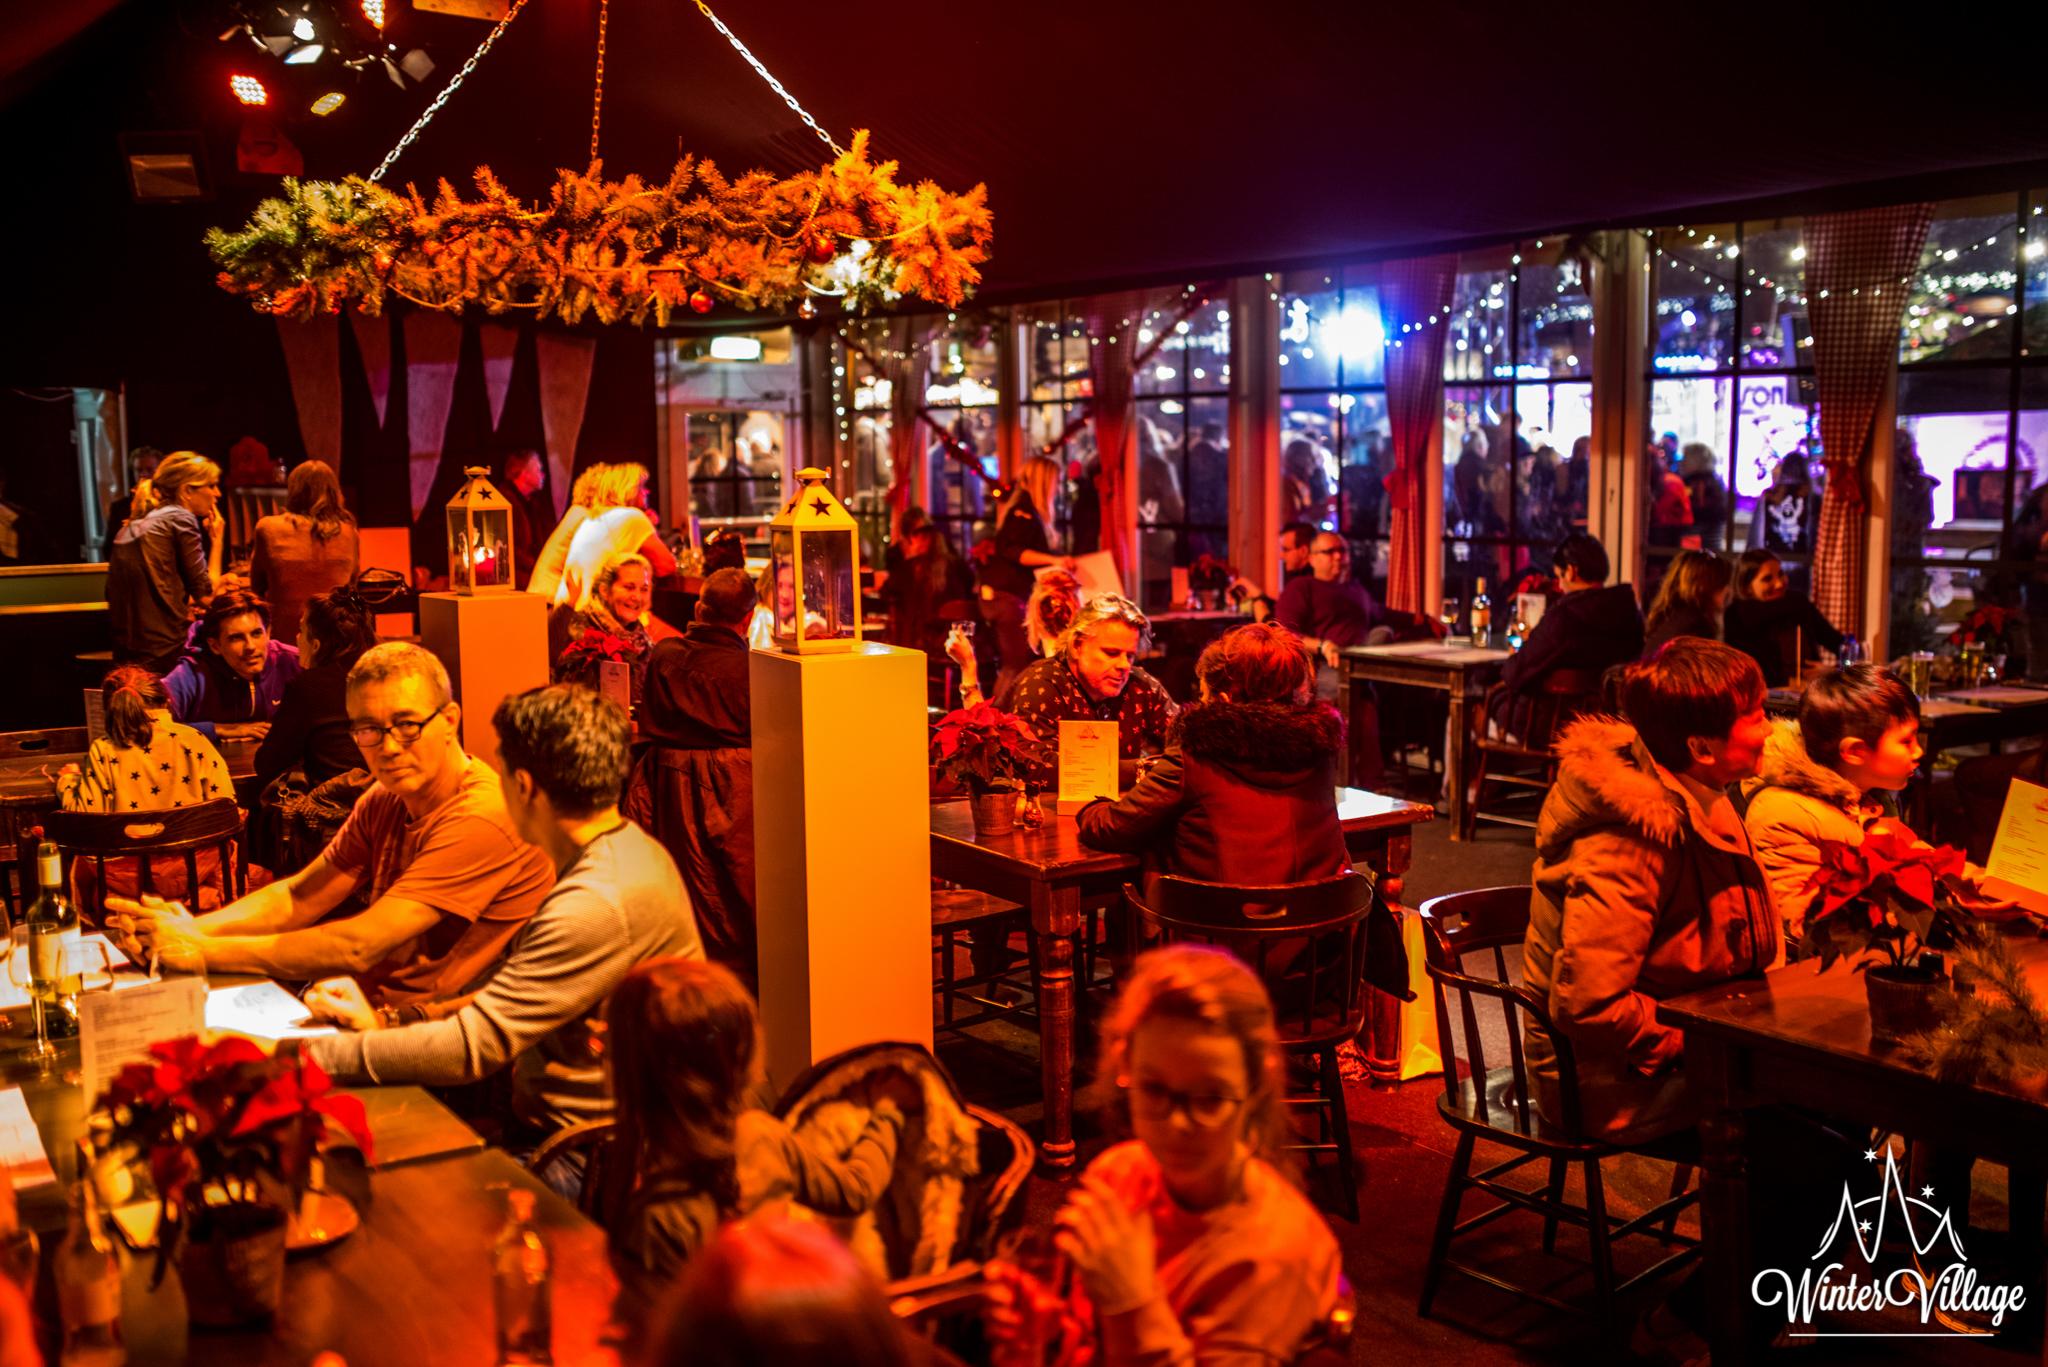 Winter Village Pop-Up Restaurant